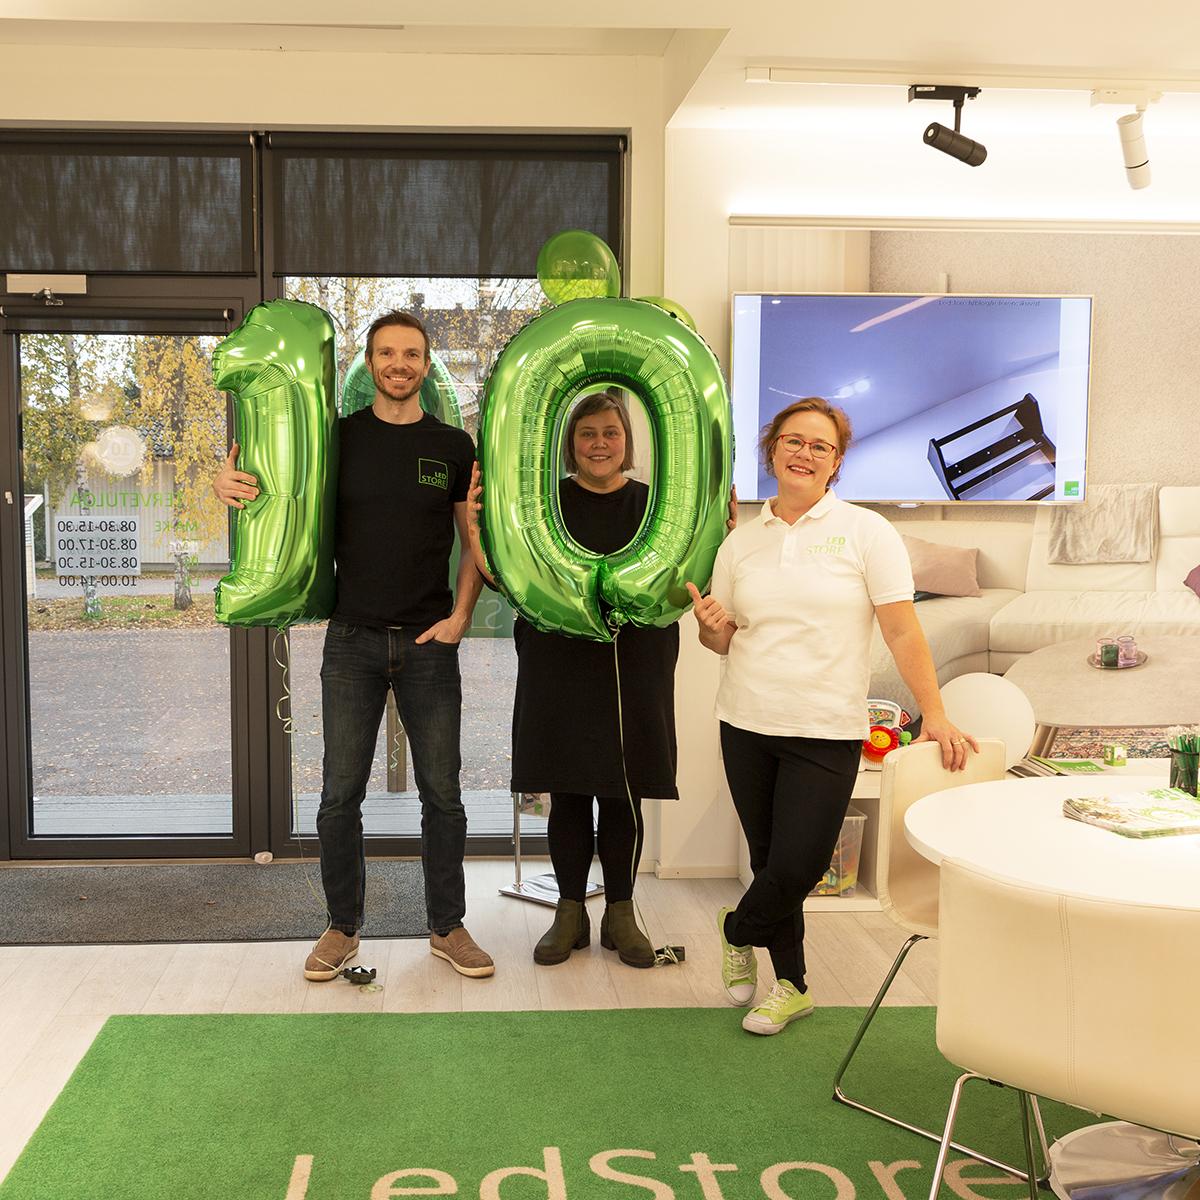 KUVA 4: LedStoren Janne, Liisa ja Sanna ovat ylpeitä 10-vuotiaasta LedStoresta.